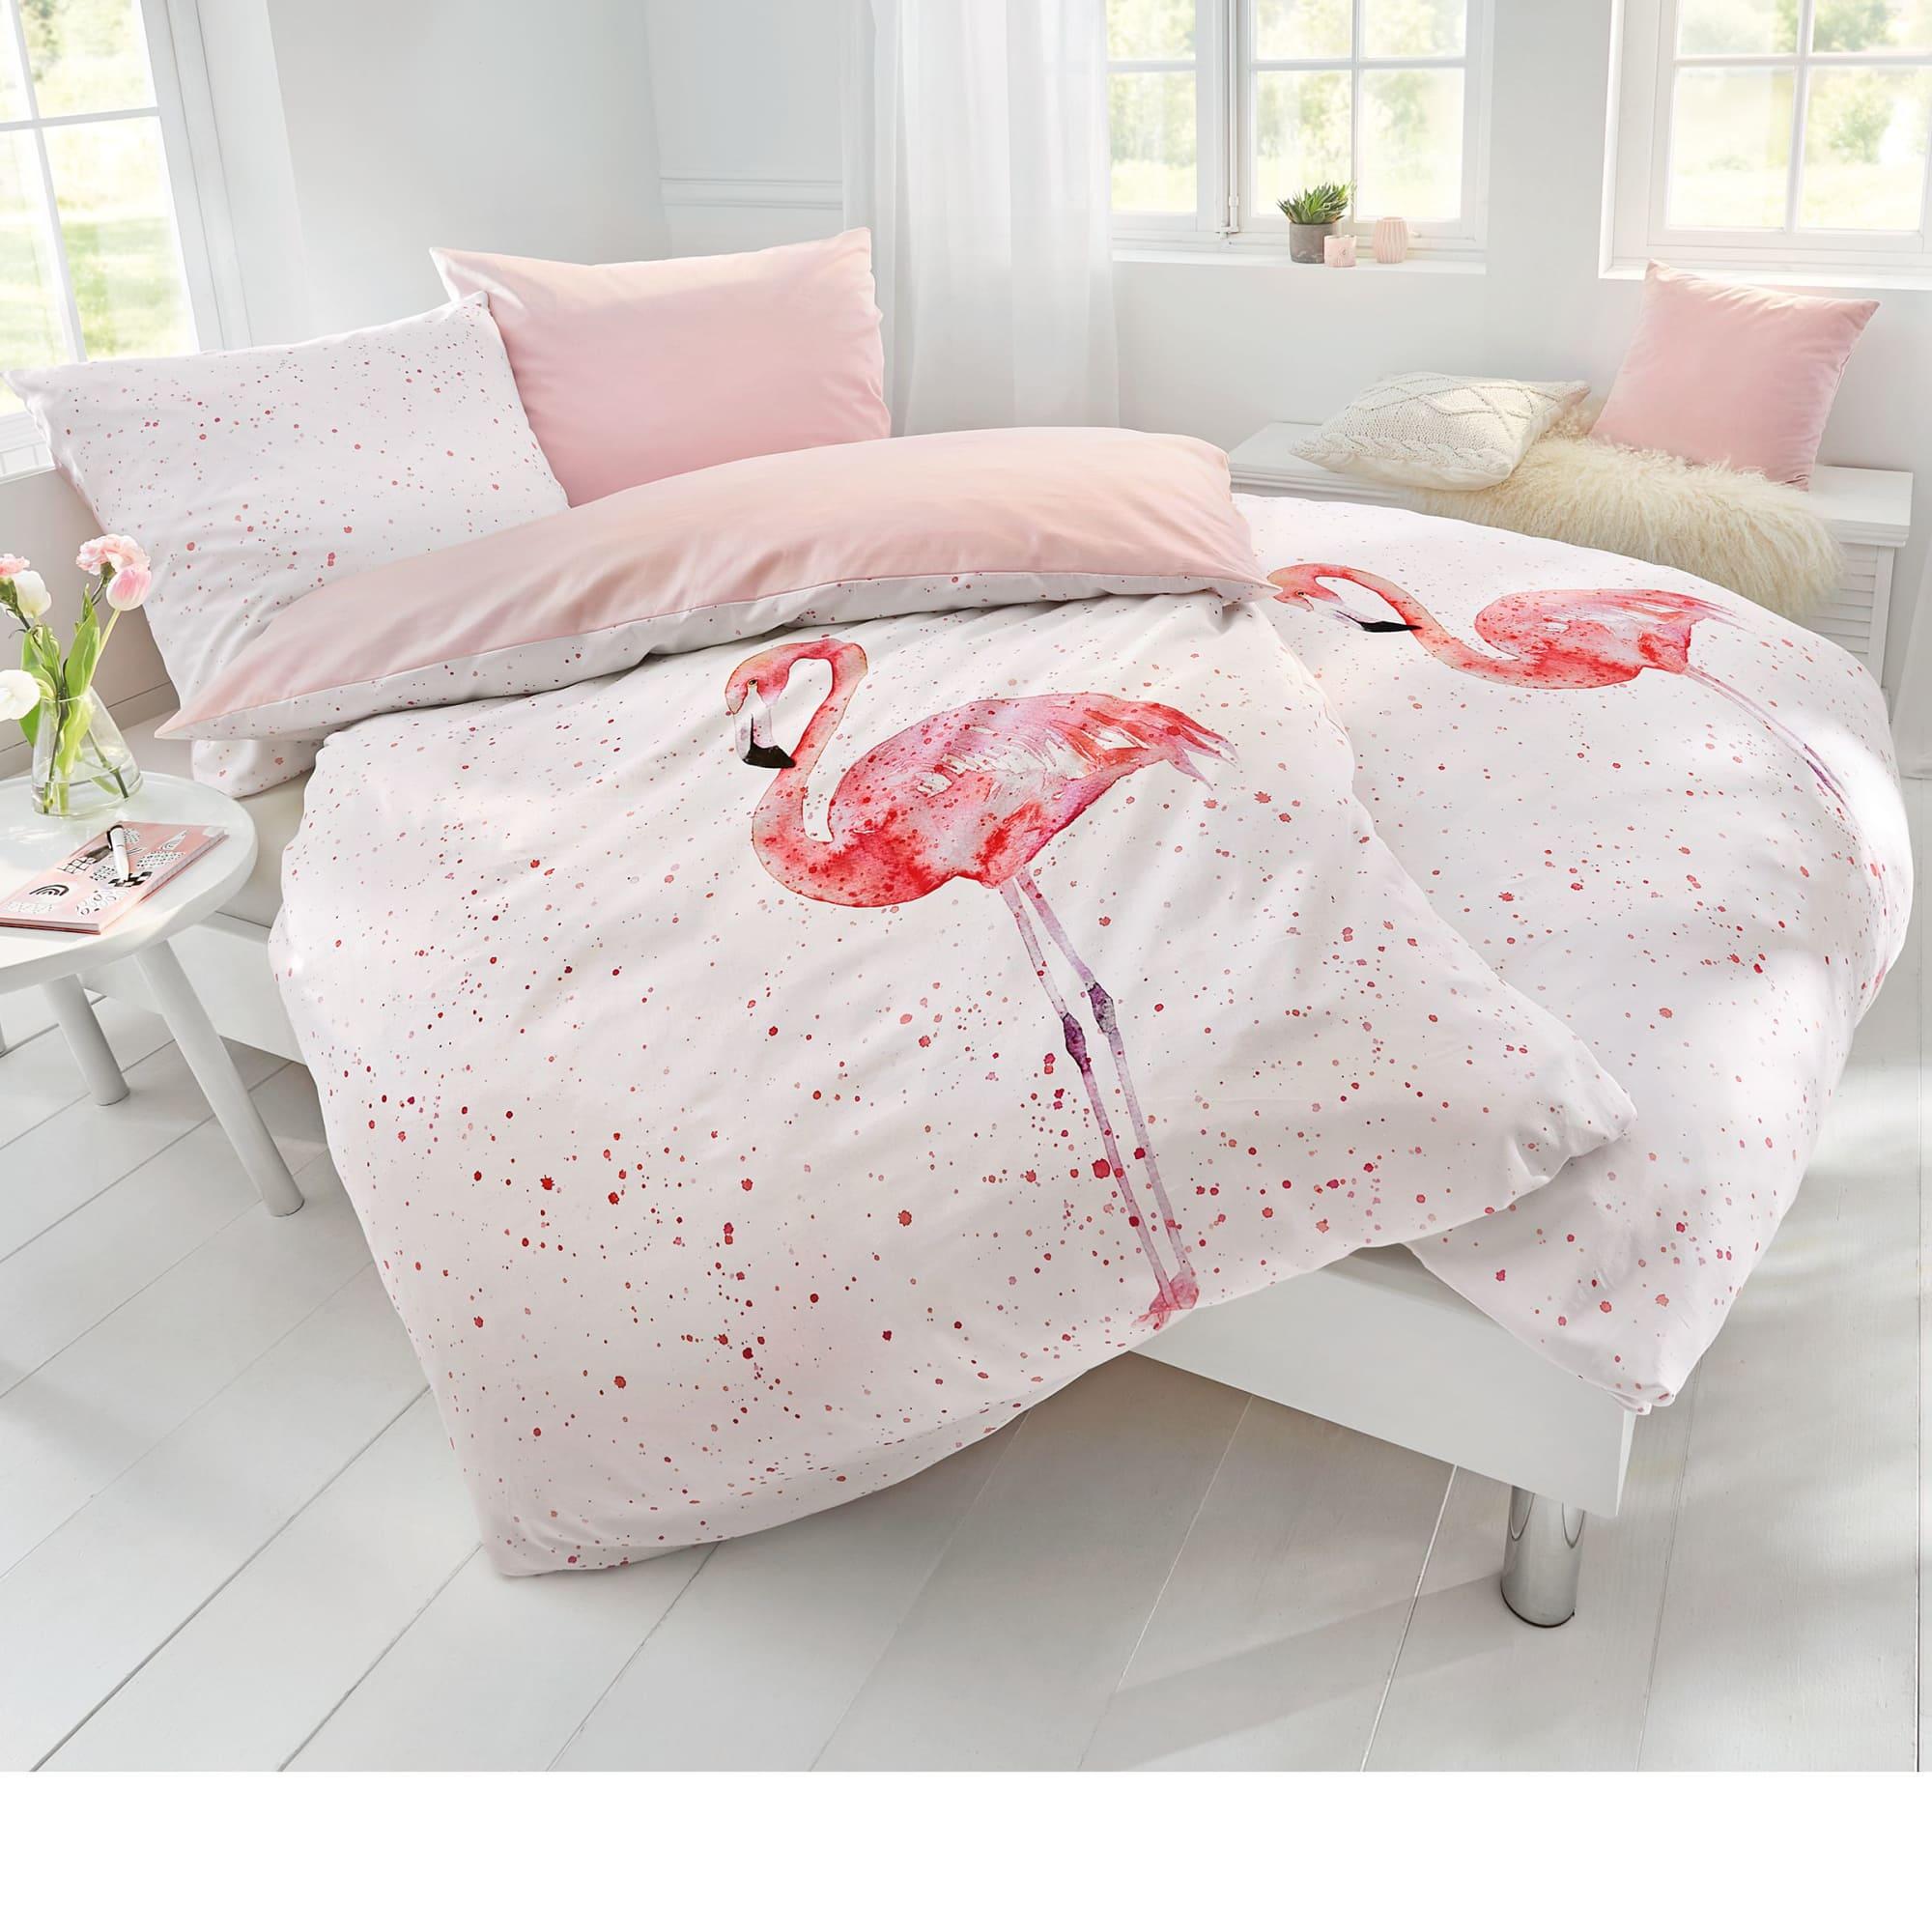 Bettwäsche Flamingo Niedrige Kleiderschränke Mit Stange Schlafsofas